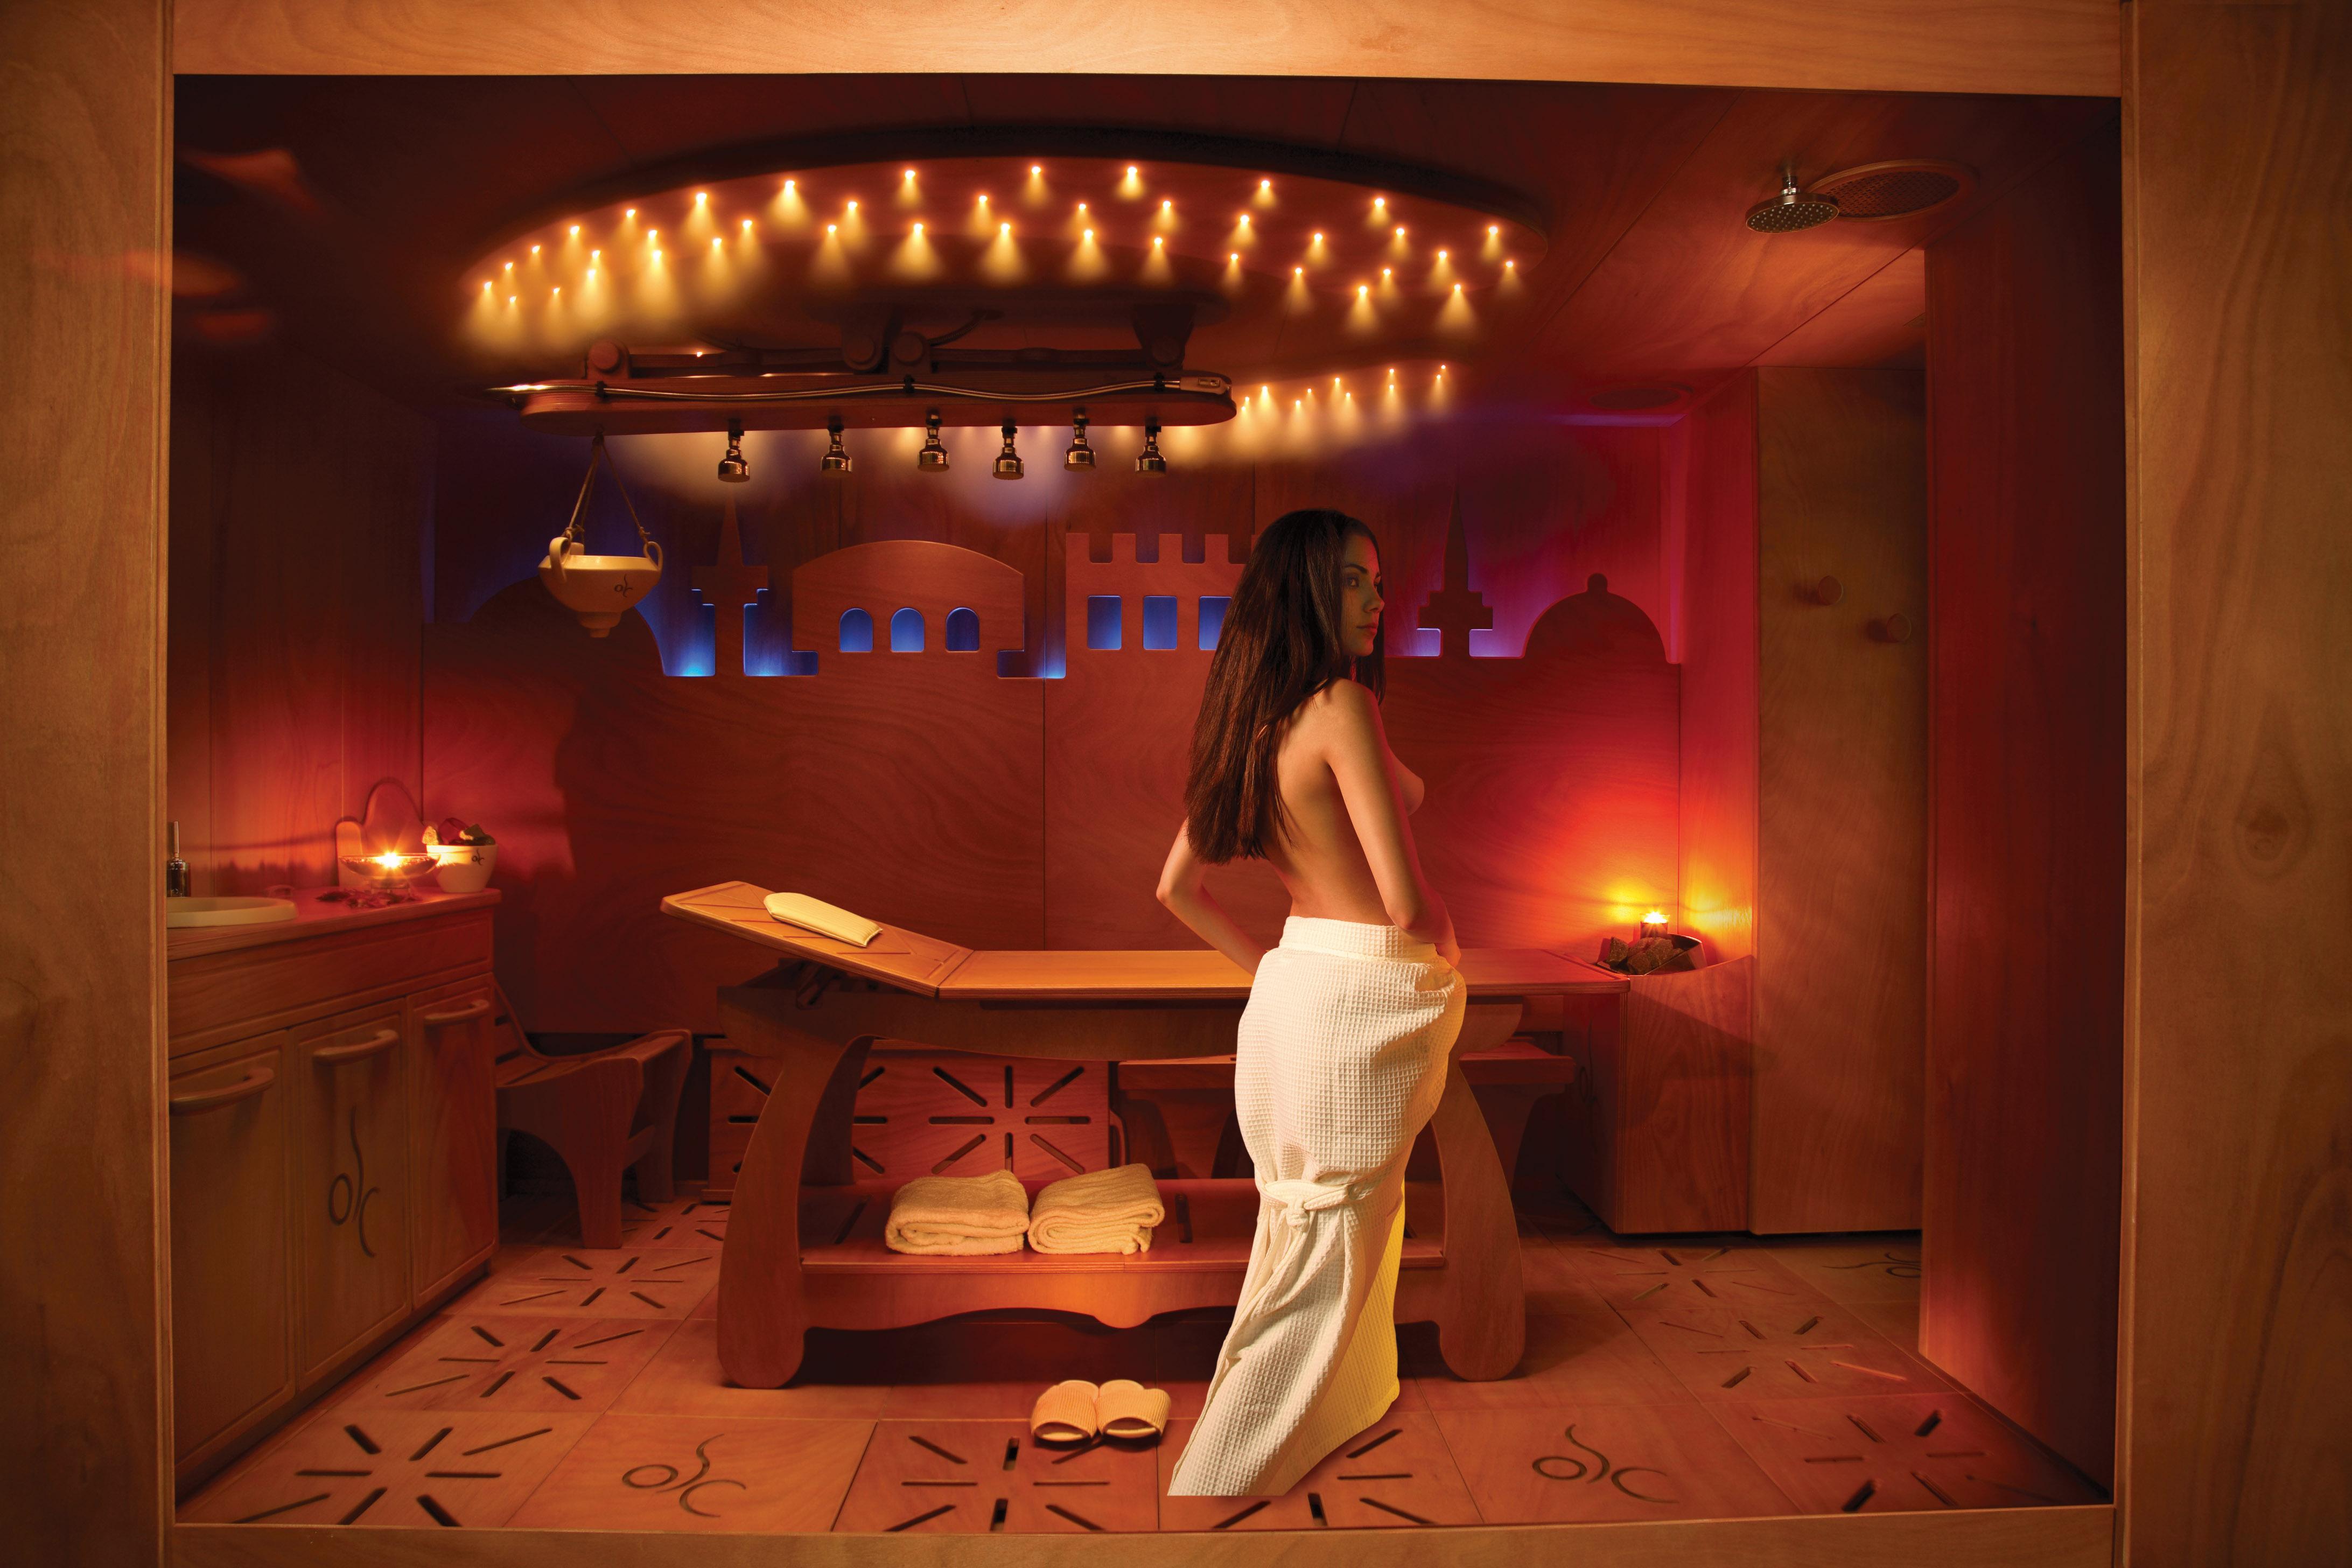 Самые дешевые салоны секс спб, Дешёвые интим-салоны СПб Санкт-Петербурга 27 фотография